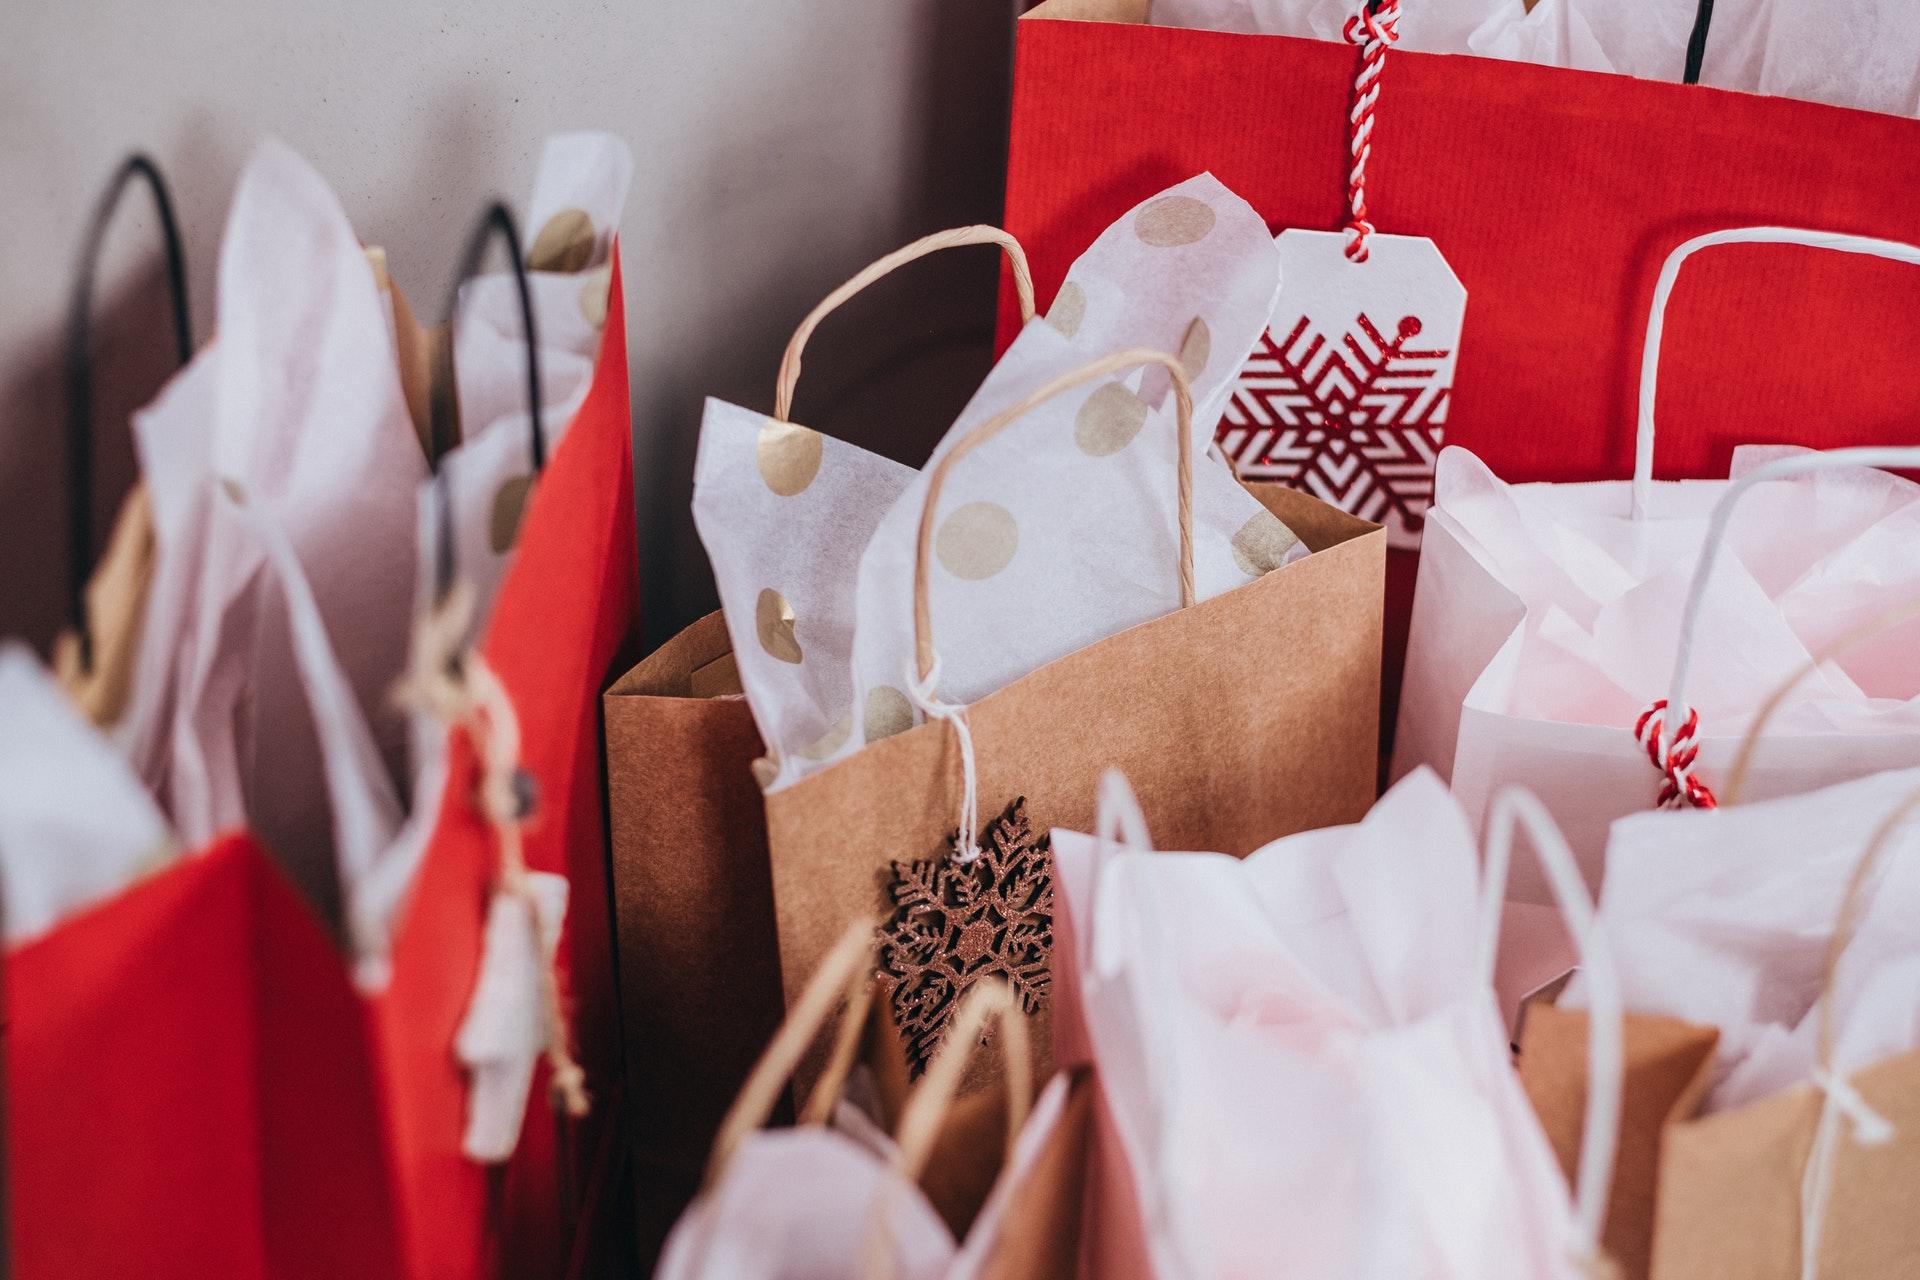 Objets connectés à Noël: des bonnes pratiques pour éviter le cadeau empoisonné